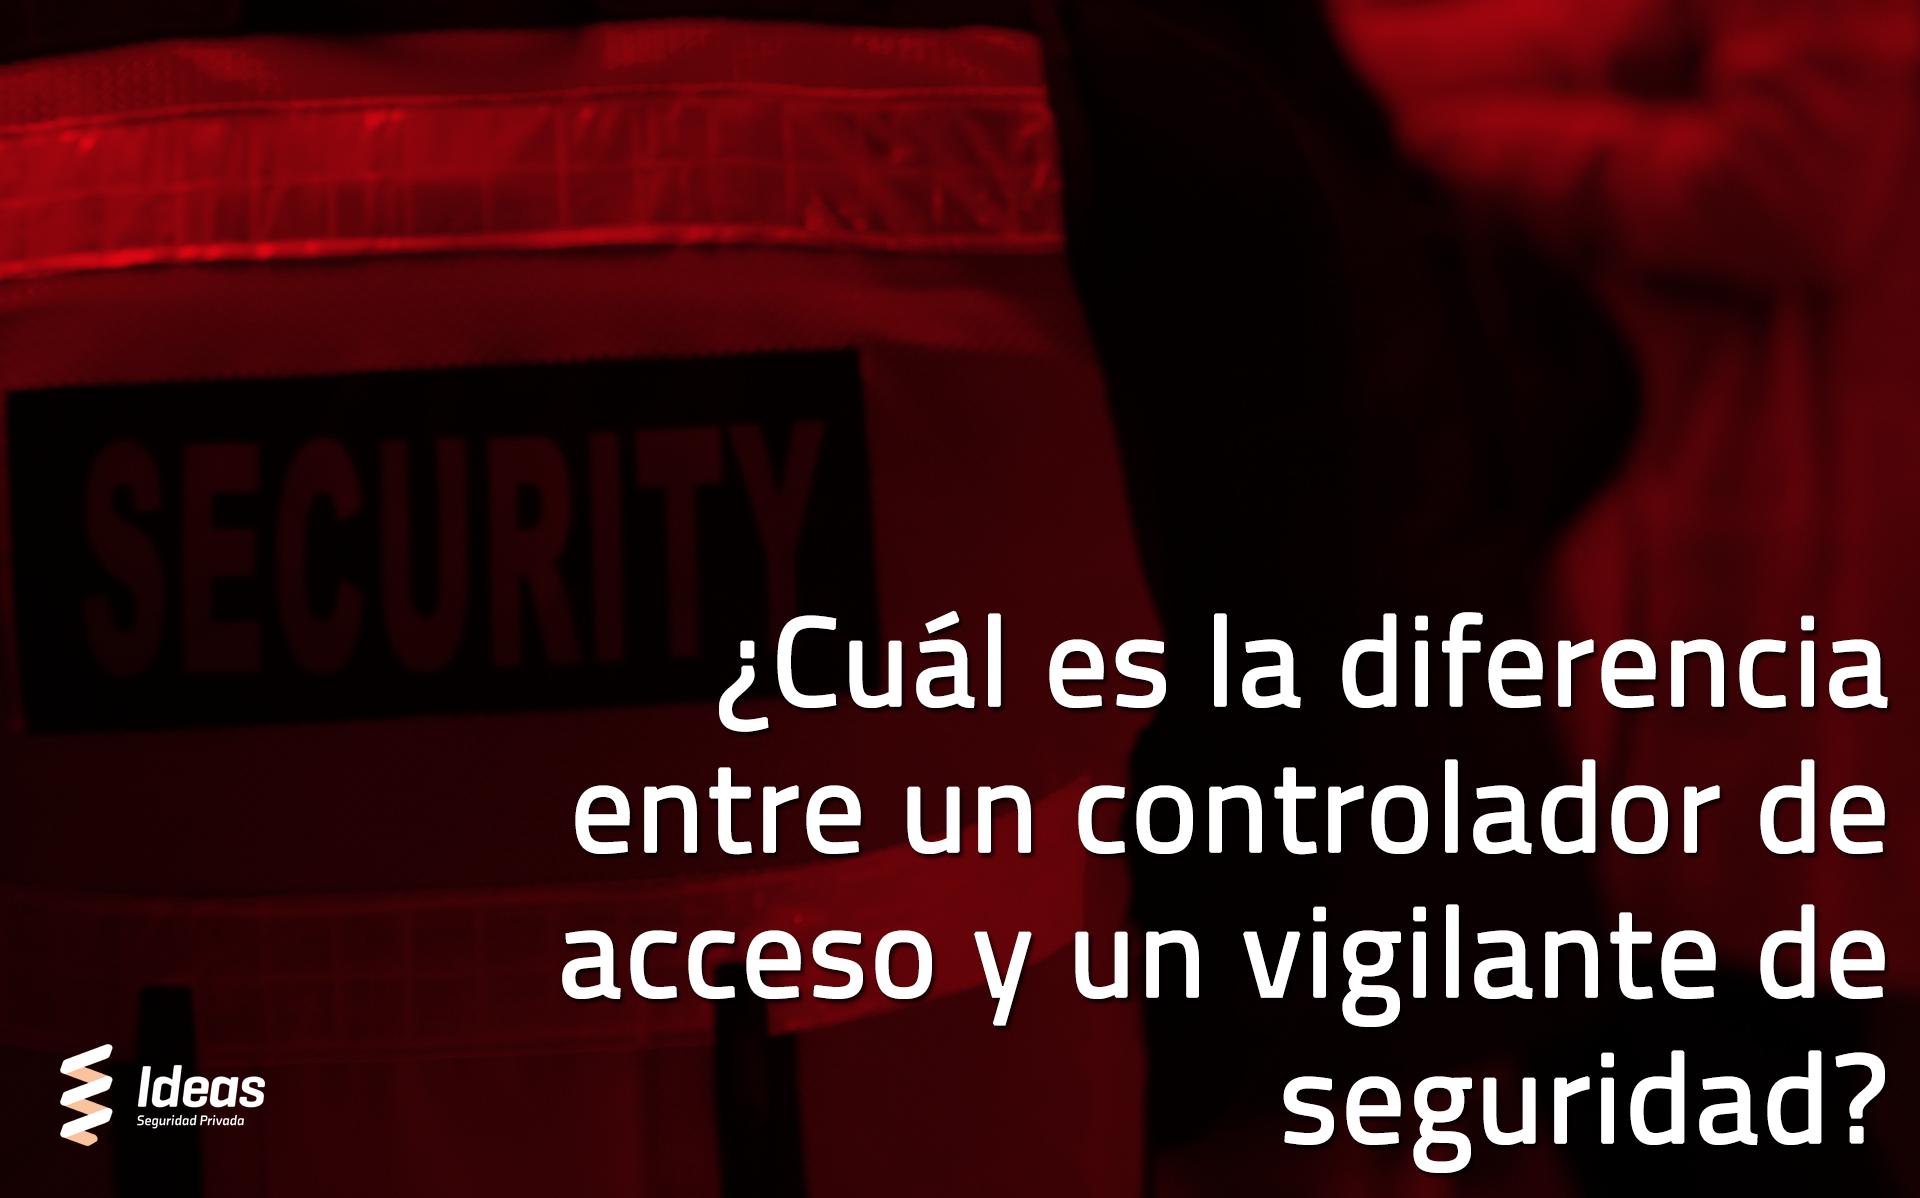 Vigilante de Seguridad y Controlador de Acceso: diferencias